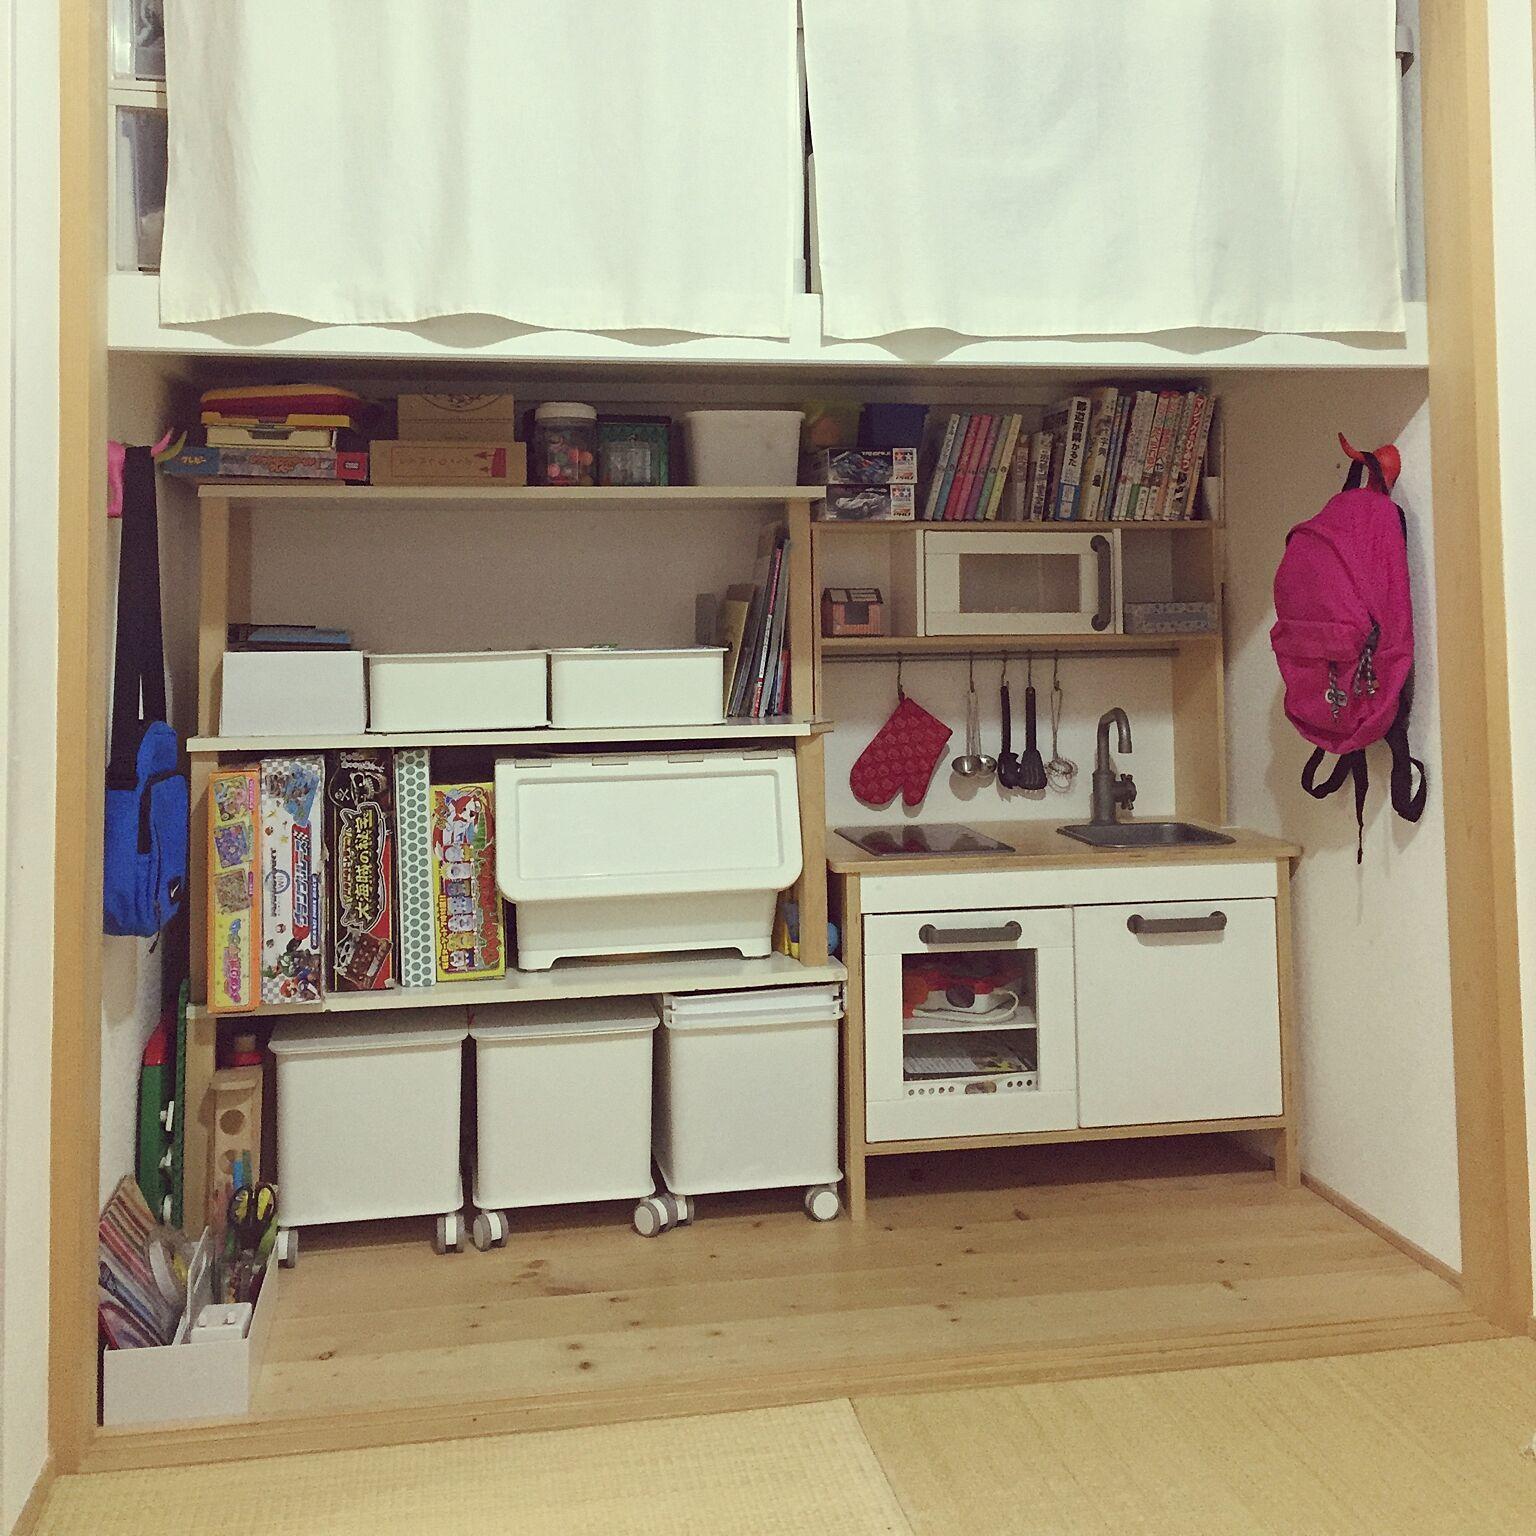 和室の押入れにおままごとキッチンを置いて遊び場に。他のおもちゃ類もすっきり収納して、機能的な収納場所として活用してますね。